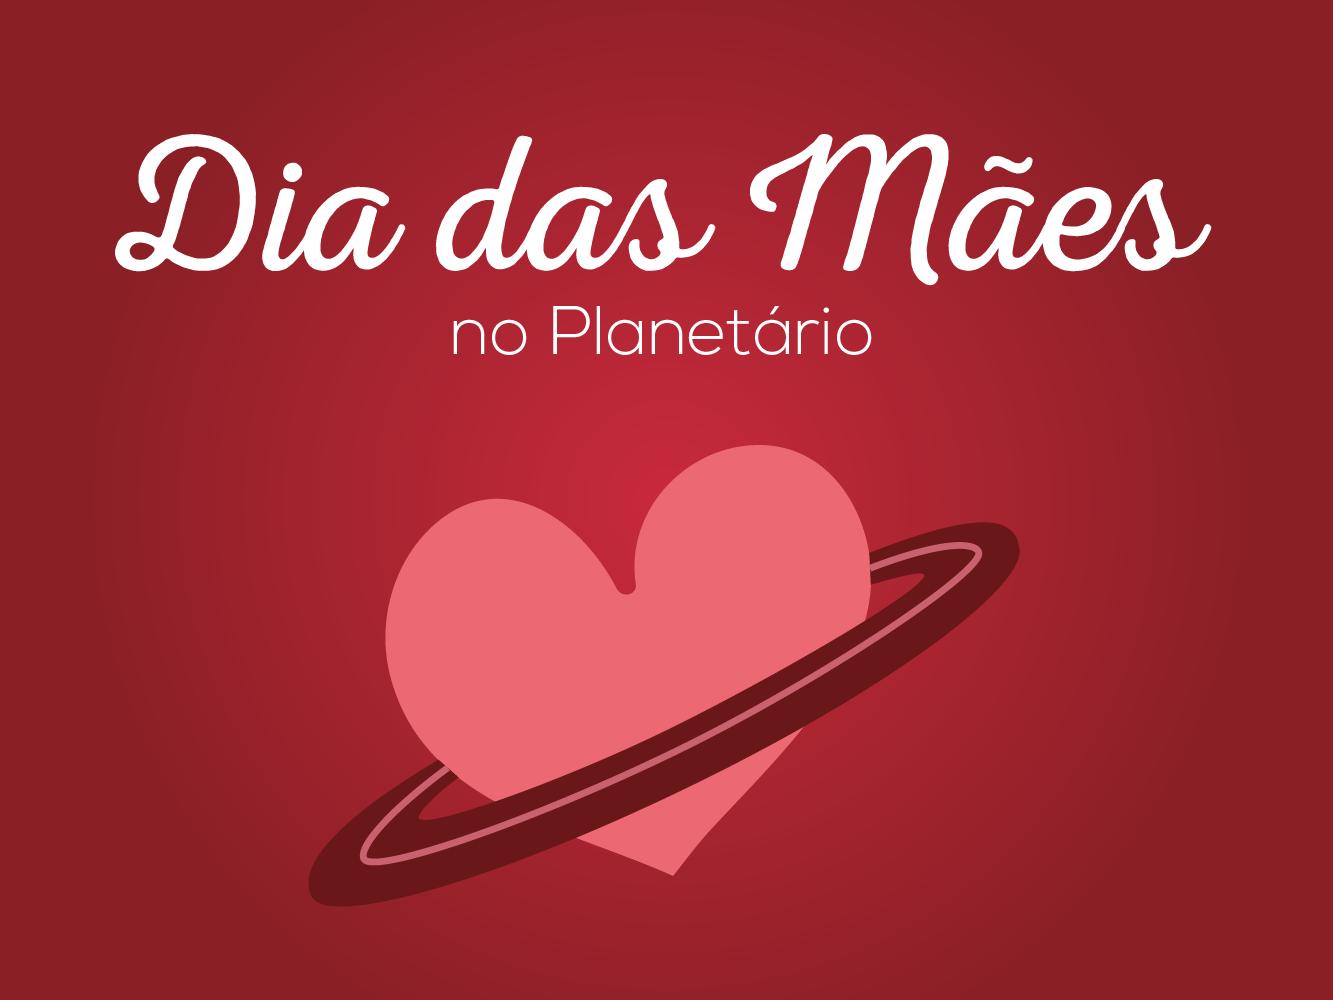 No Planetário, as estrelas são as mães